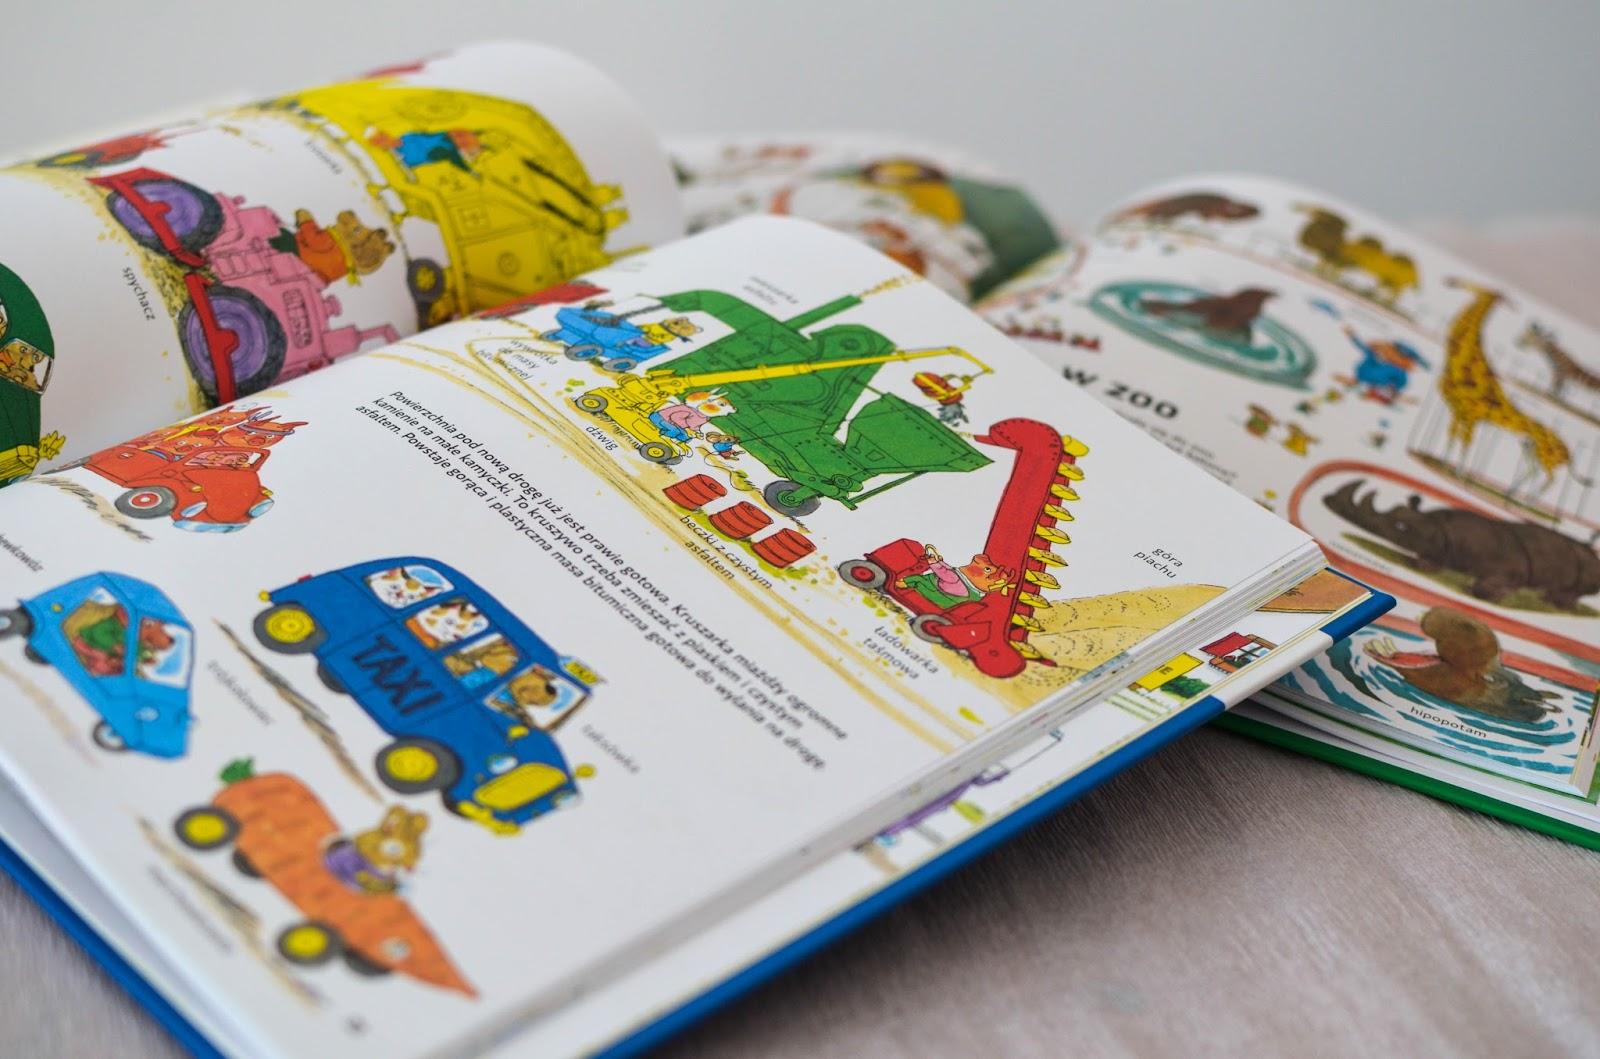 Richard Scarry - jeden z najpopularniejszych amerykańskich autorów książek dla dzieci, recenzja, blog, książki dla dwulatka, elementarz dla dwulatka, słownictwo